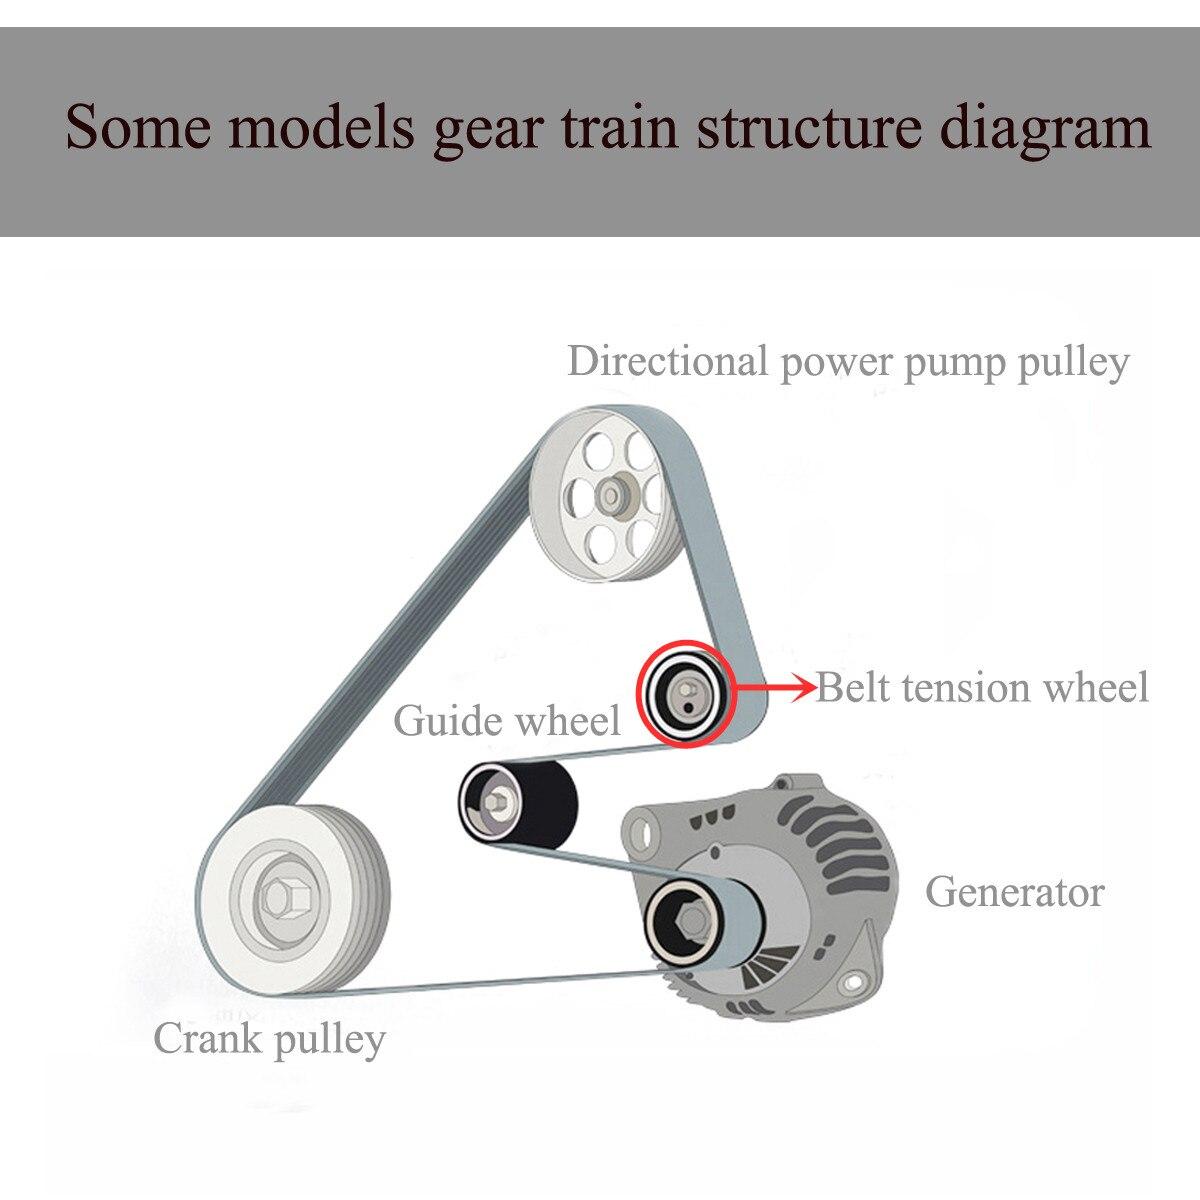 Fan Belt Tensioner Pulley V Ribbed Idler For BMW E46 E39 E38 E36 E53 11281433571 fan belt tensioner pulley v ribbed idler for bmw e46 e39 e38 e36 e46 pulley diagram at virtualis.co